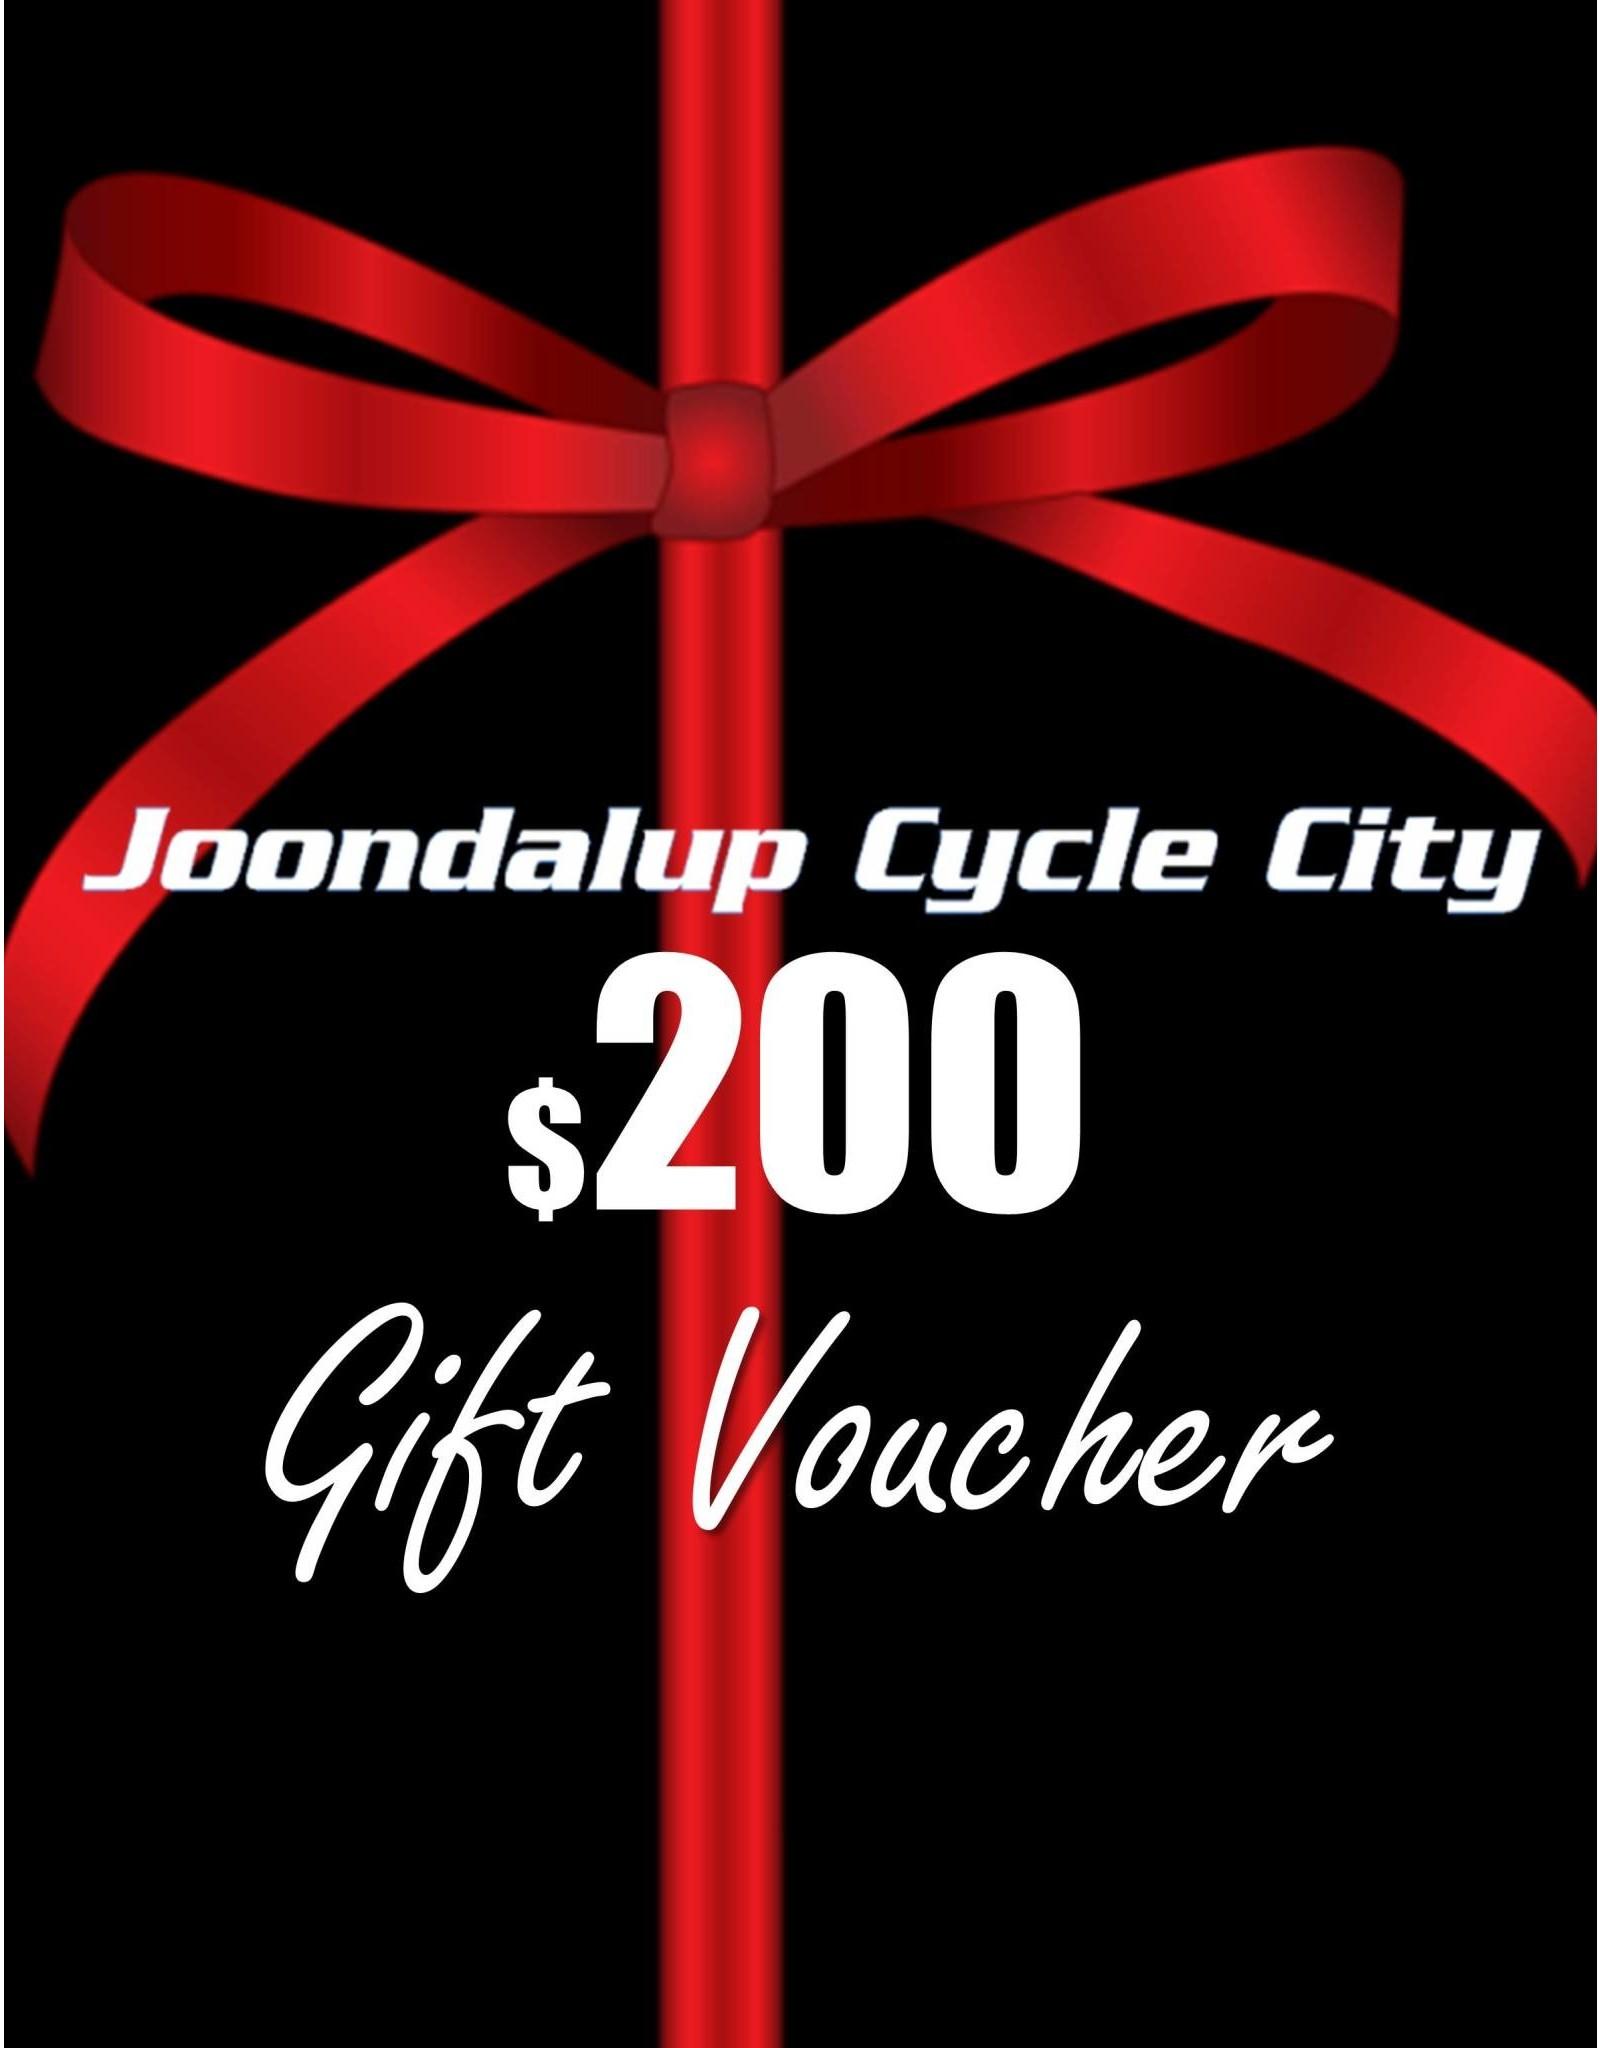 JCC $200 Gift Card